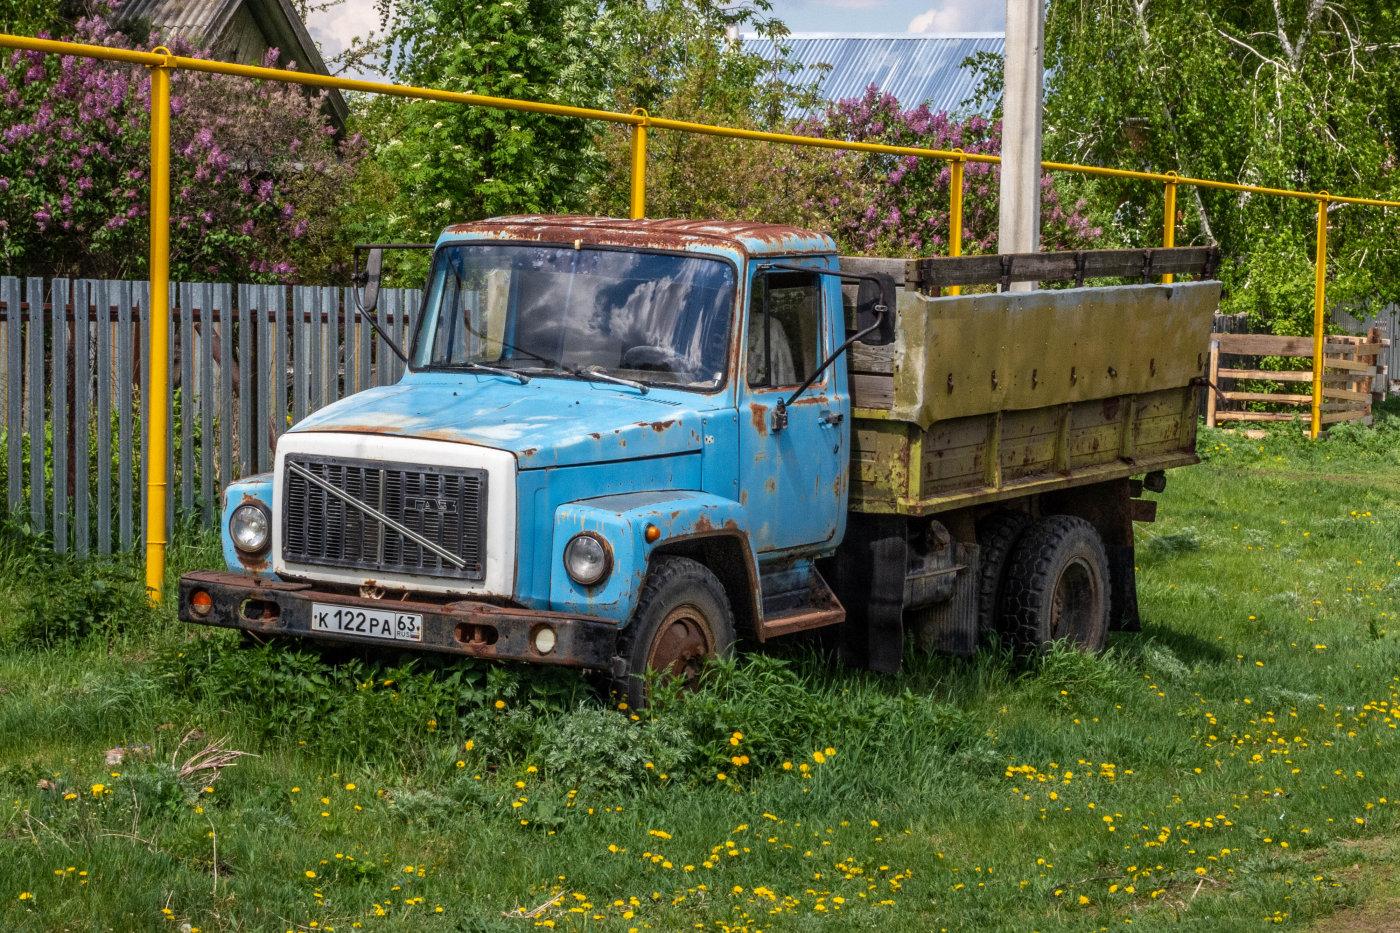 грузовой автомобиль ГАЗ-3303 #К122РА63. Самарская обл., с. Рождествено, ул. Фокина